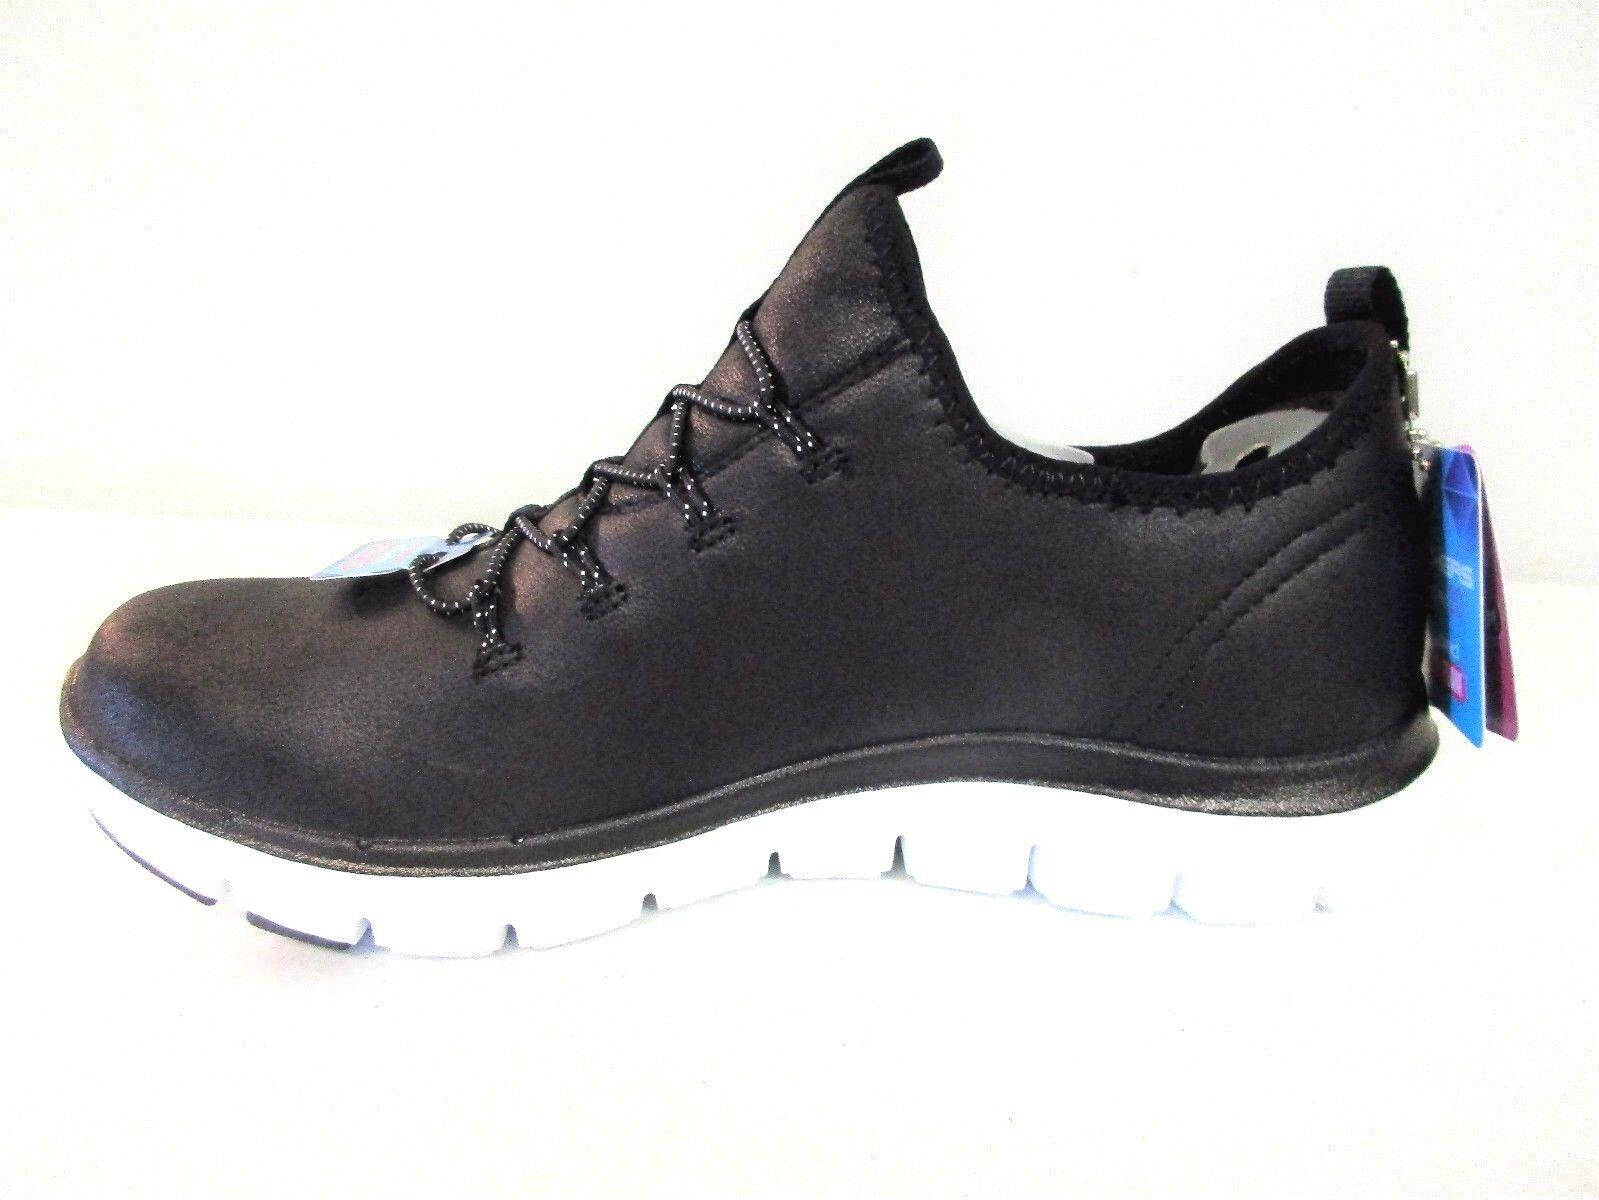 Skechers Sport Women's Flex Appeal 2.0 Top Story Sneaker 126